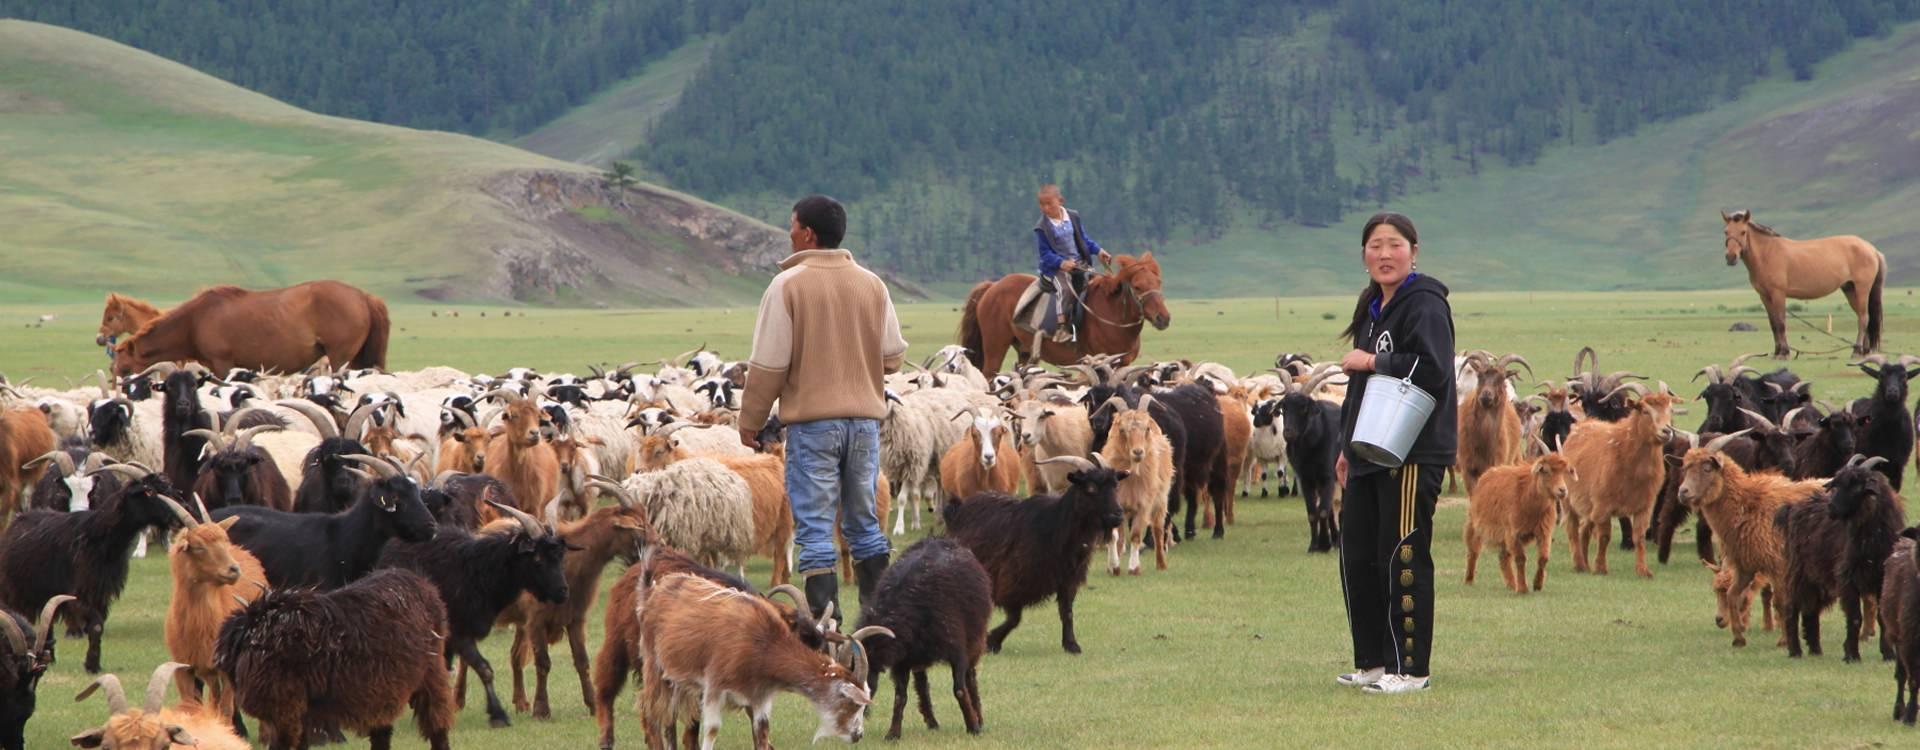 Paardrijden in Mongolië - Vakantie te paard / Reisbureau Perlan